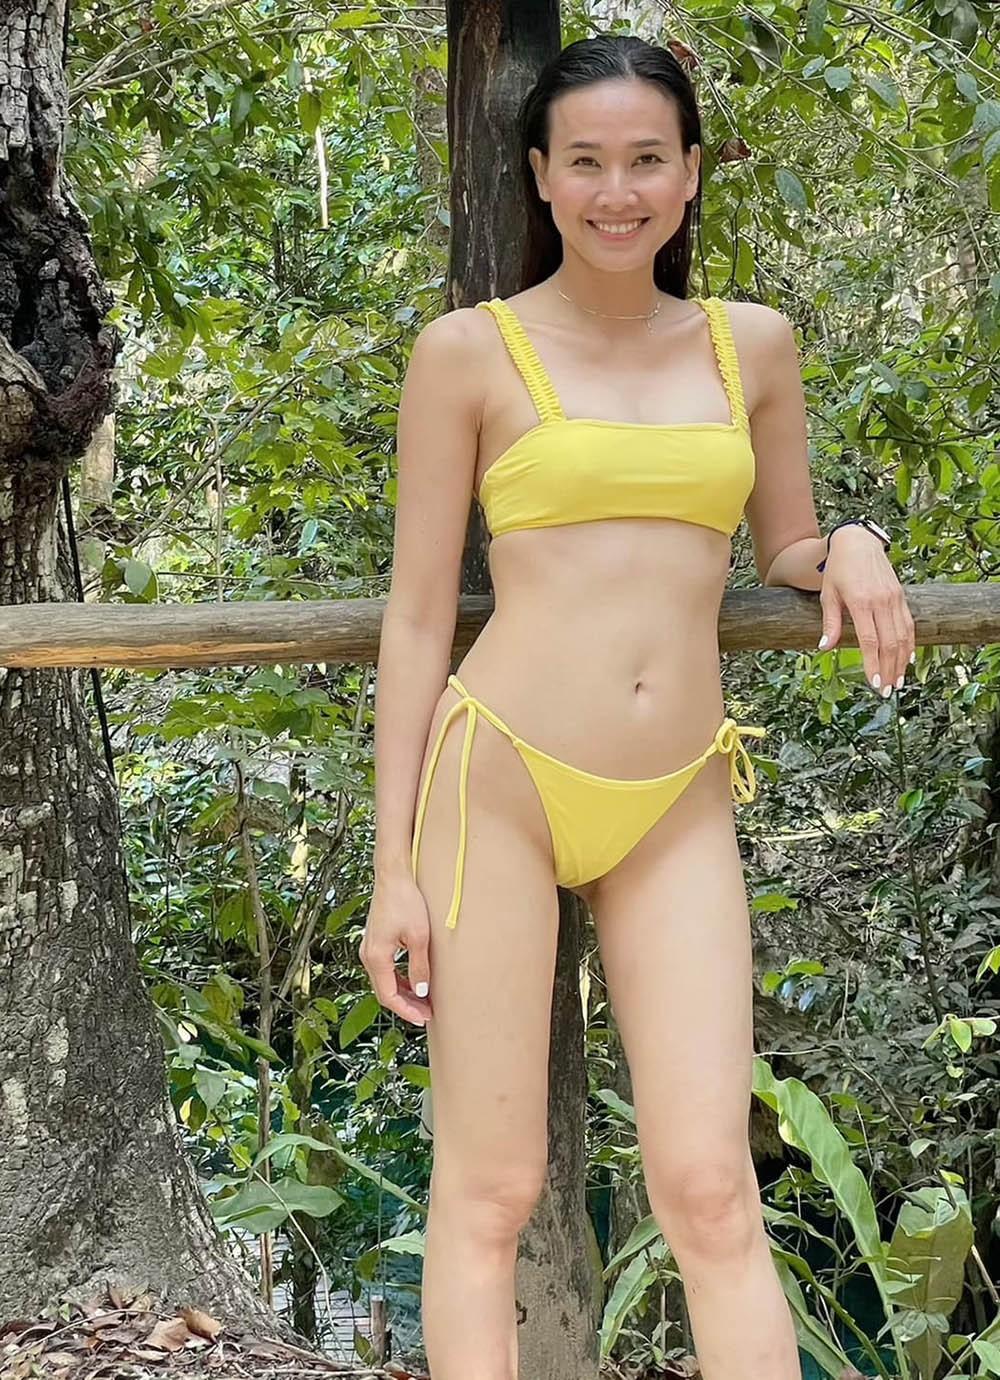 Tình cũ Bằng Kiều diện bikini, khoe vẻ gợi cảm ở tuổi 37 - Ảnh 2.